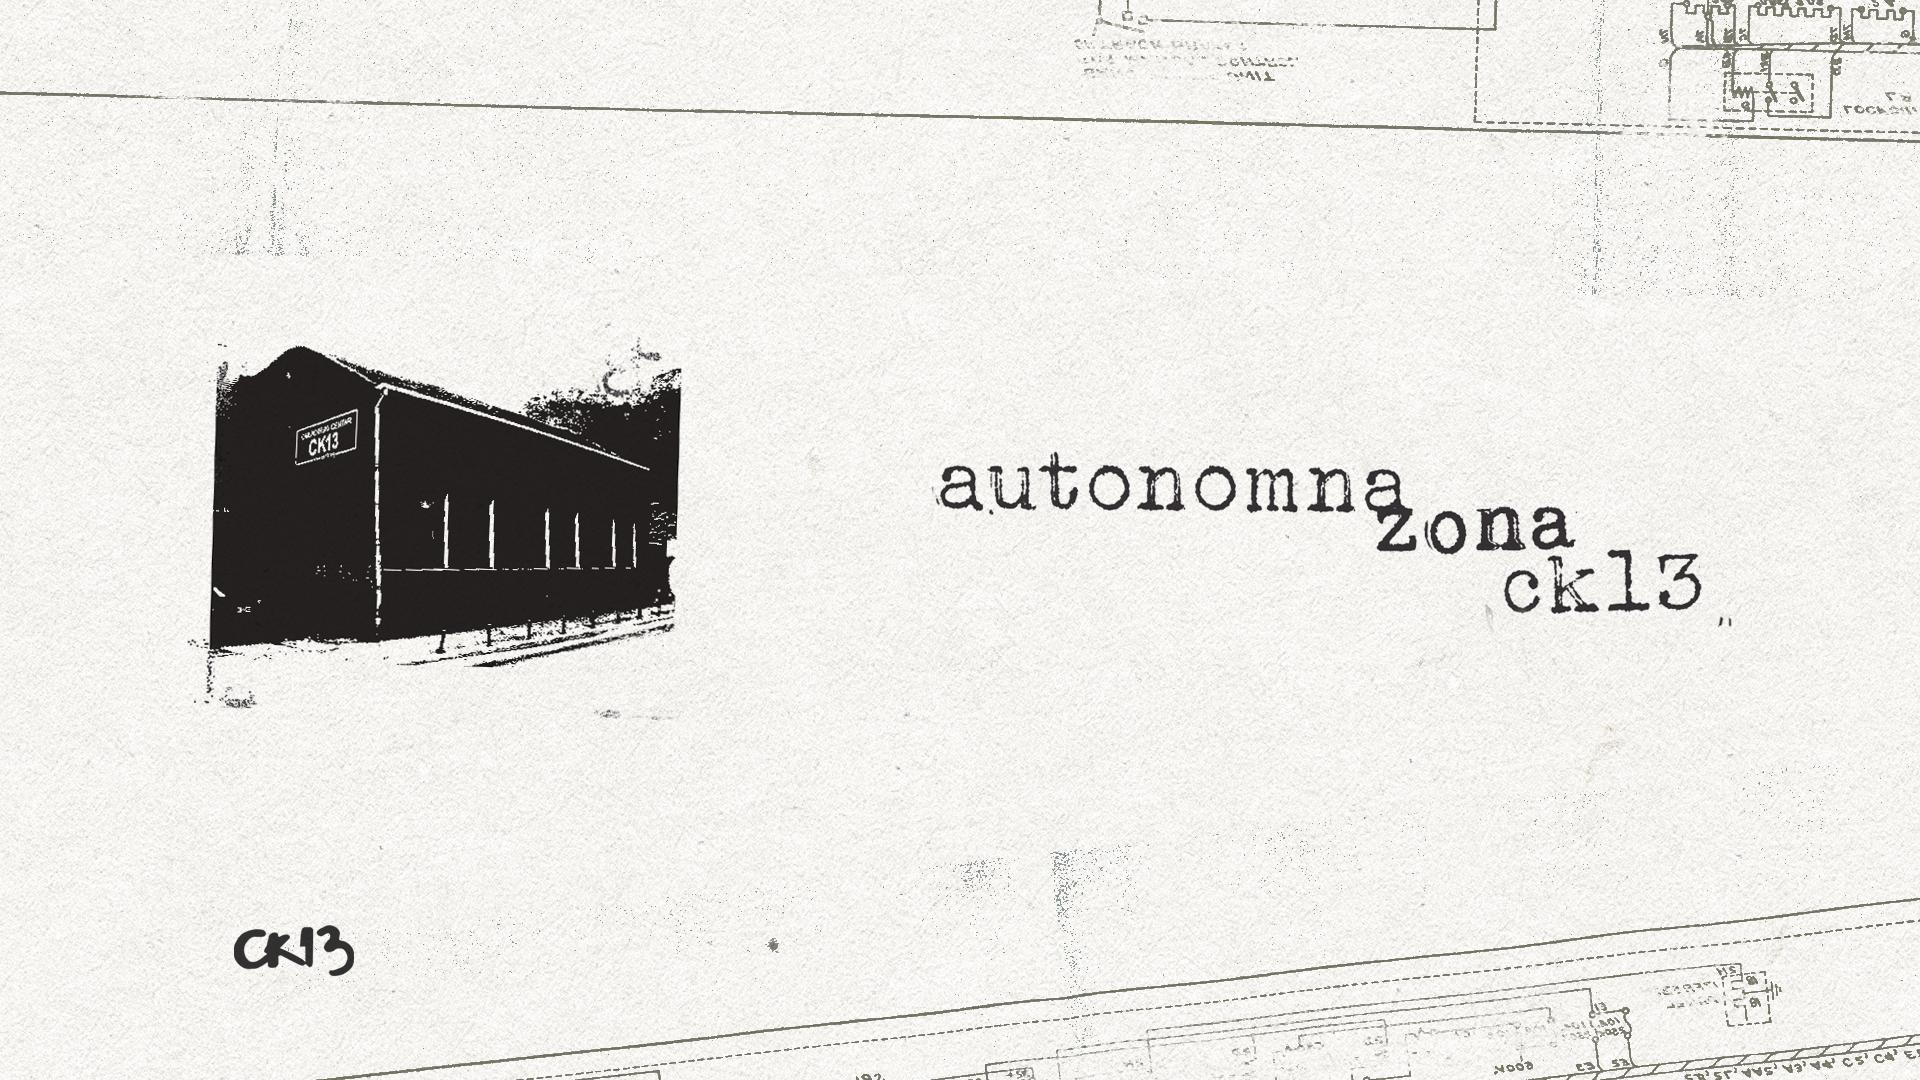 autonomna zona